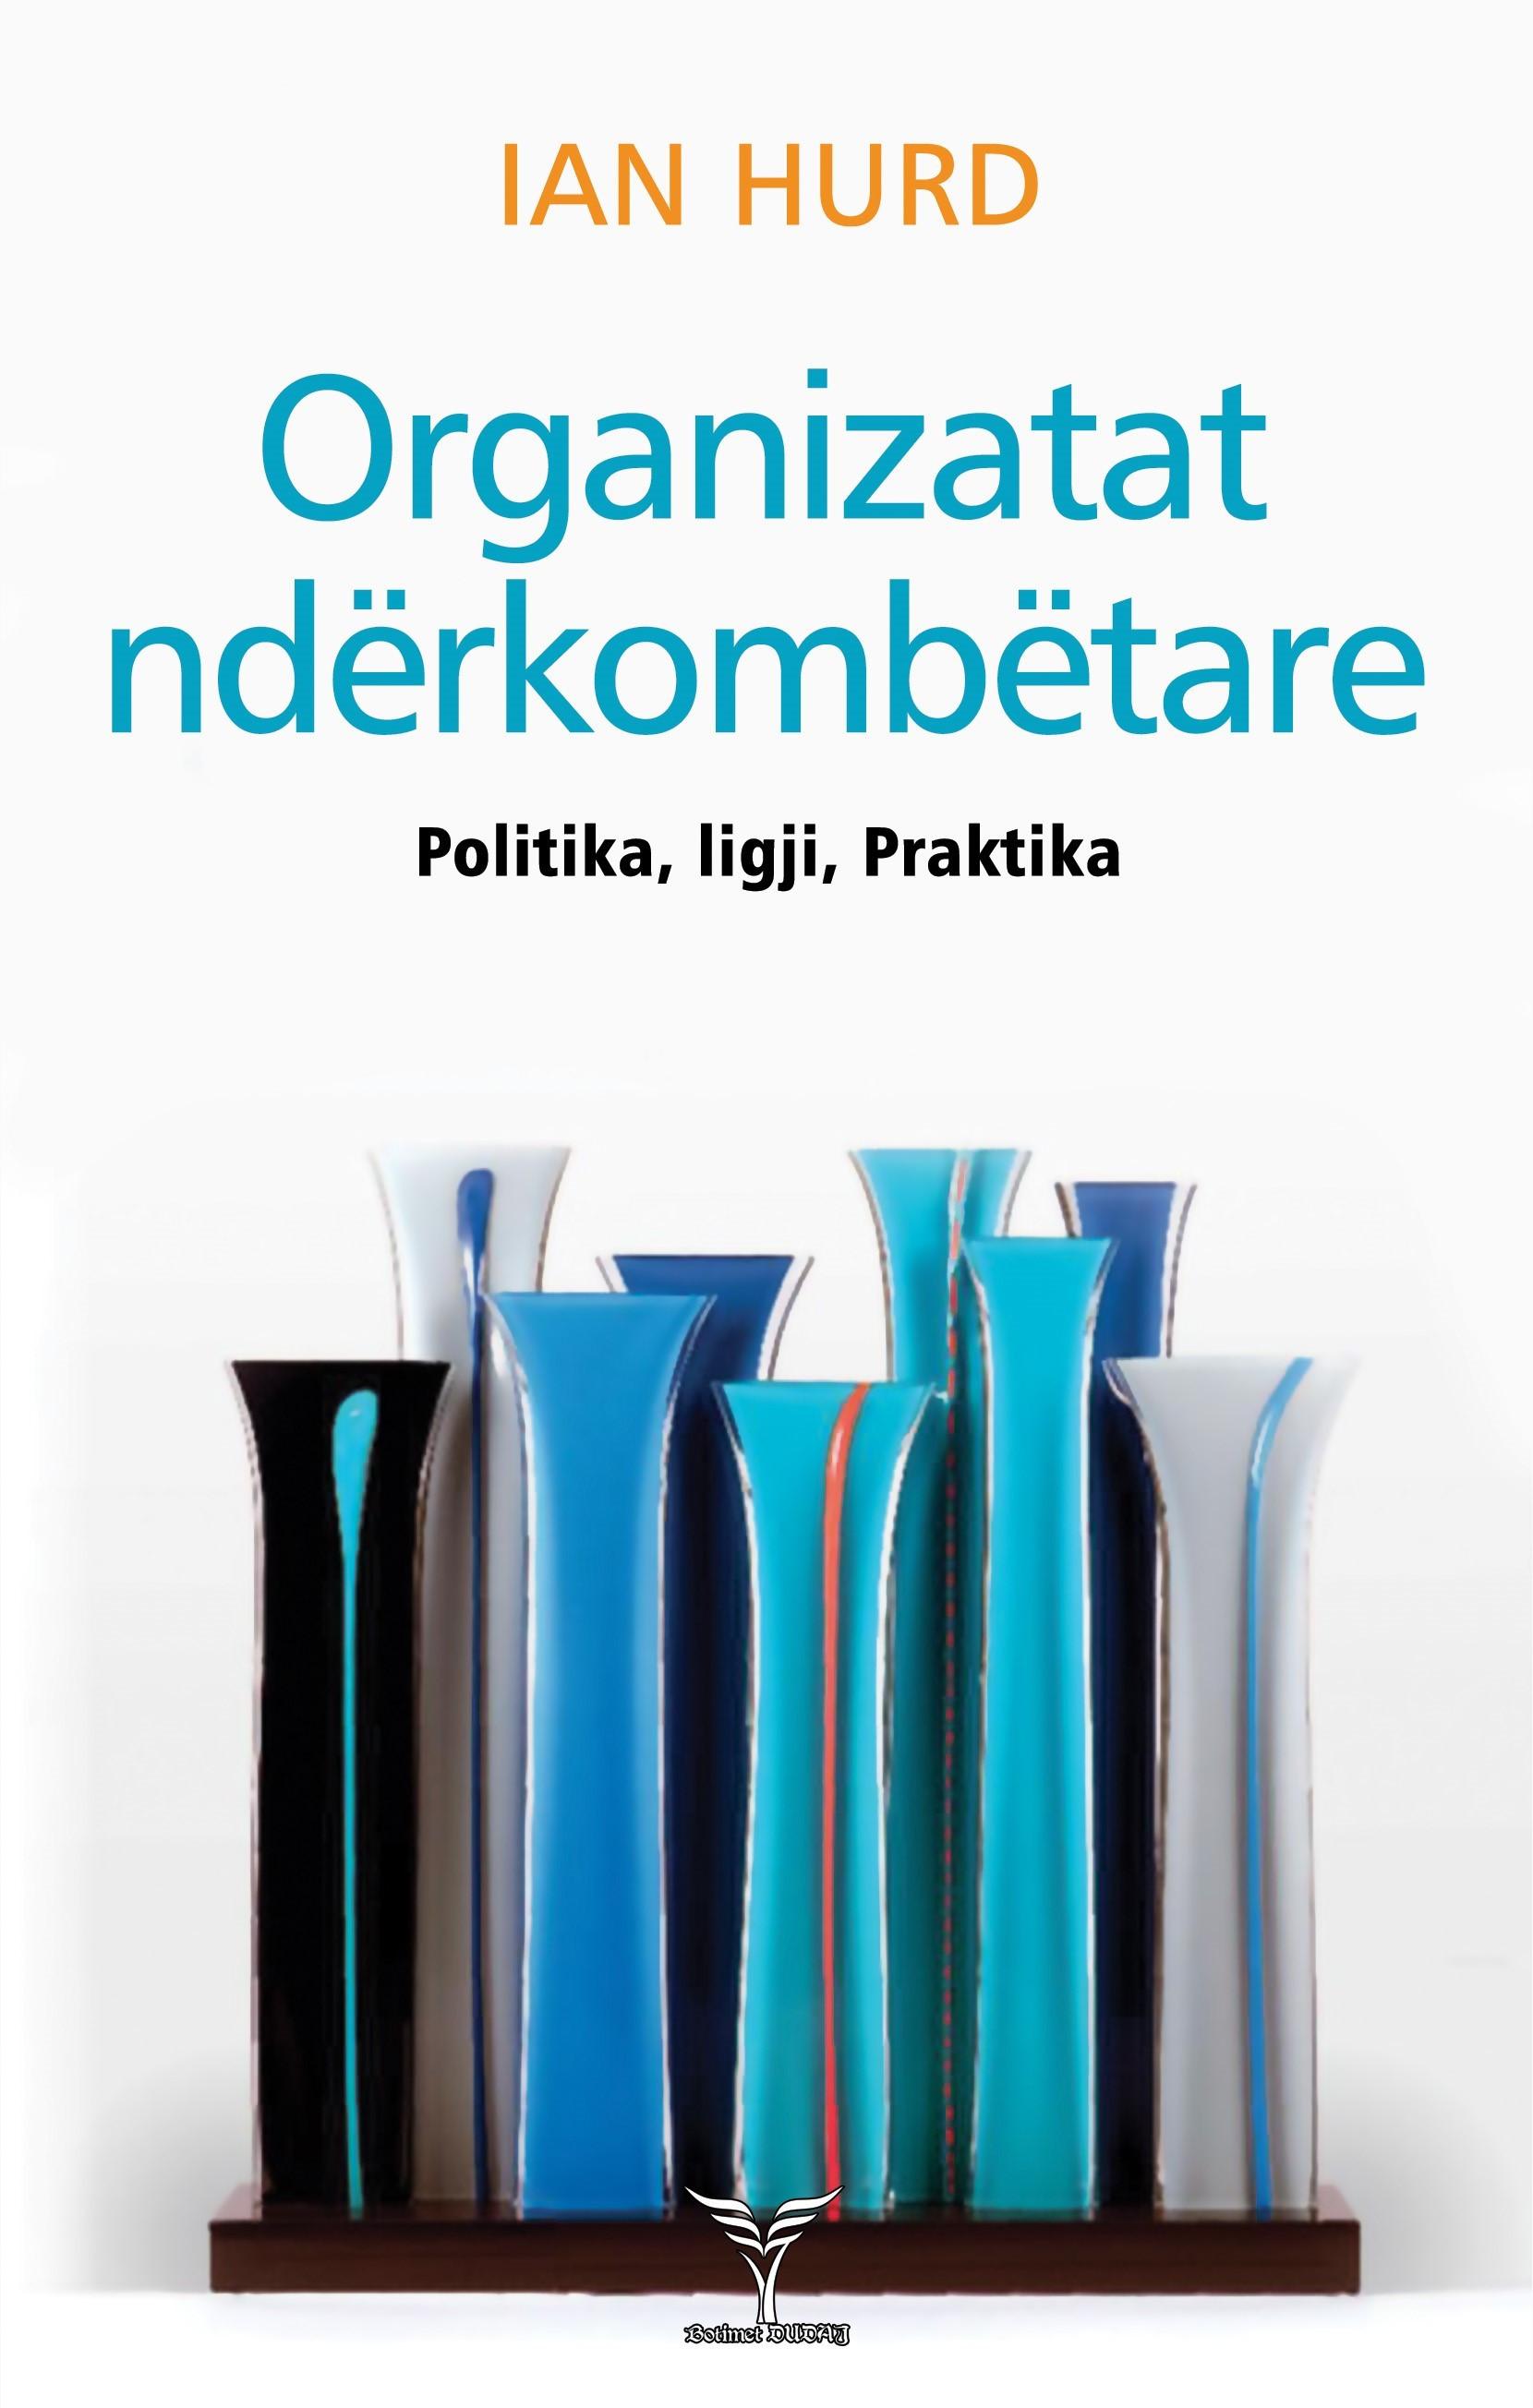 Organizatat Nderkombetare - Politika, Ligji dhe Praktika